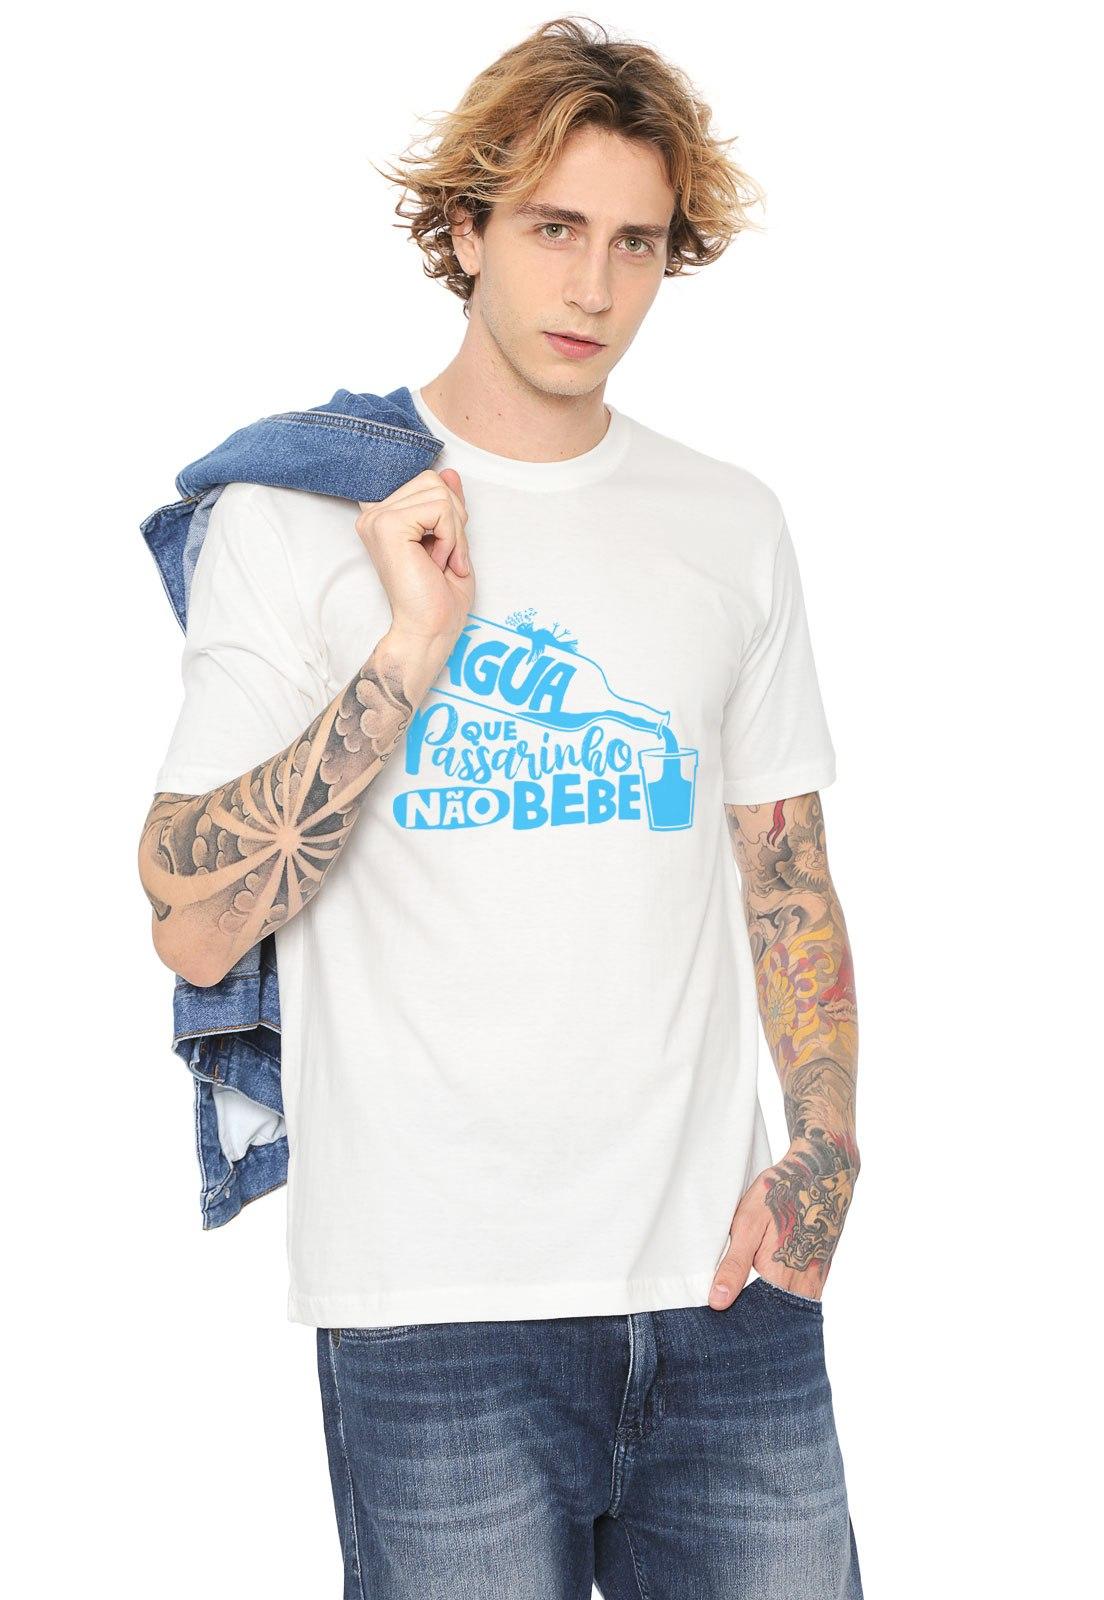 Camiseta Estampada Água que Passarinho Não Bebe